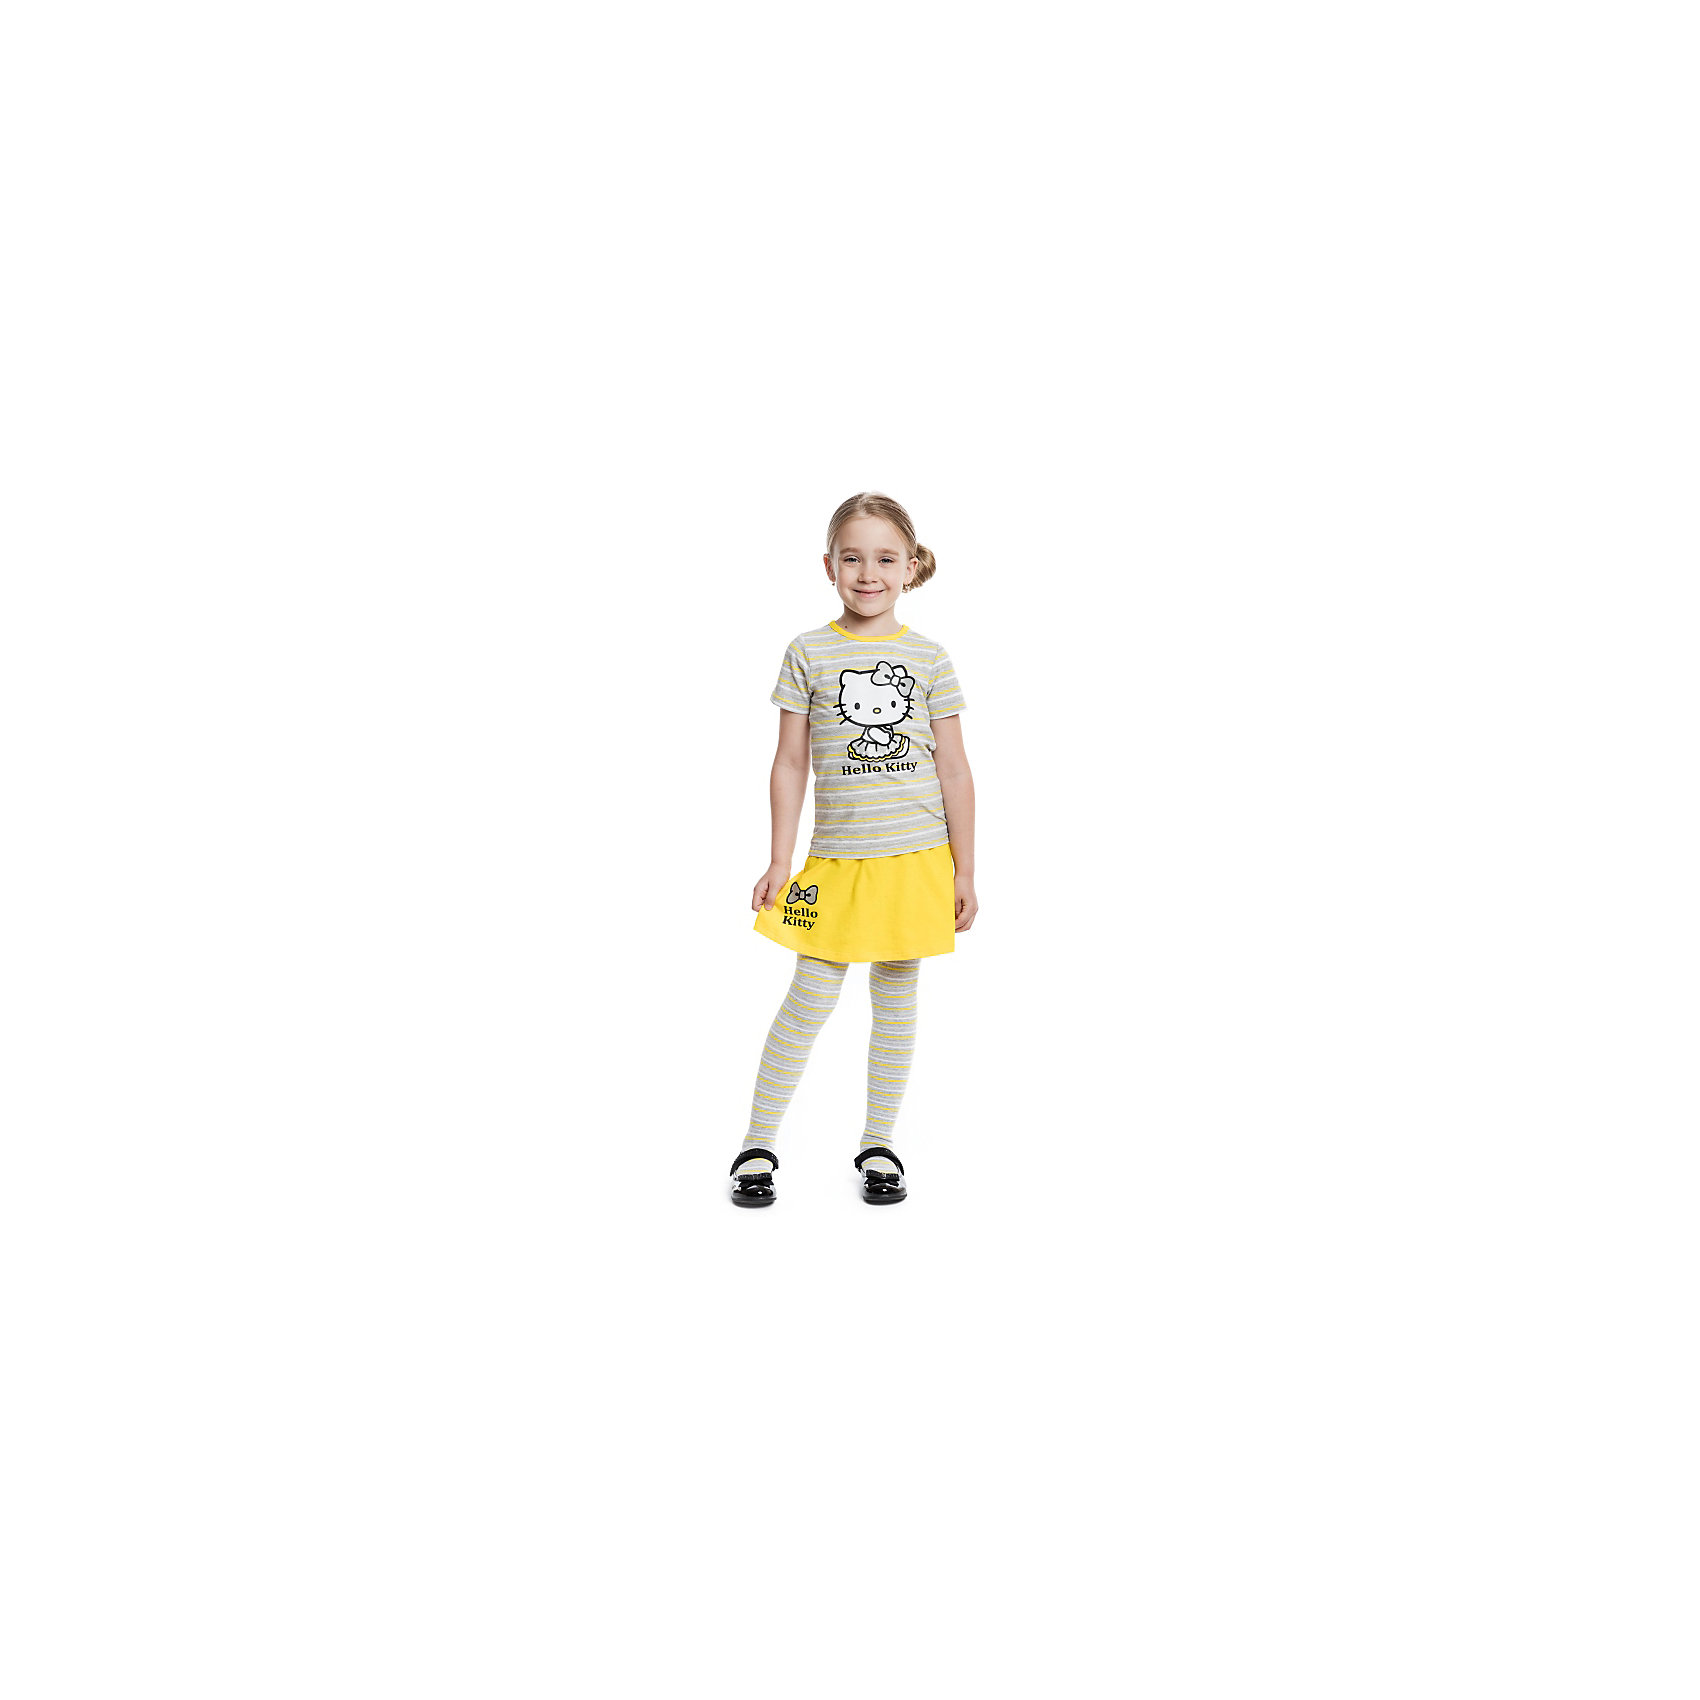 Комплект: футболка и юбка для девочки PlayTodayКомплект: футболка и юбка для девочки от известного бренда PlayToday.<br>Яркий комплект изх футболки с короткими рукавами и юбки. Футболка украшена лицензионным принтом Hello Kitty. Пояс юбки на мягкой резинке. Декорирована объемным бантиком и резиновым принтом с надписью.<br>Состав:<br>95% хлопок, 5% эластан<br><br>Ширина мм: 207<br>Глубина мм: 10<br>Высота мм: 189<br>Вес г: 183<br>Цвет: разноцветный<br>Возраст от месяцев: 72<br>Возраст до месяцев: 84<br>Пол: Женский<br>Возраст: Детский<br>Размер: 122,104,98,128,116,110<br>SKU: 4897159